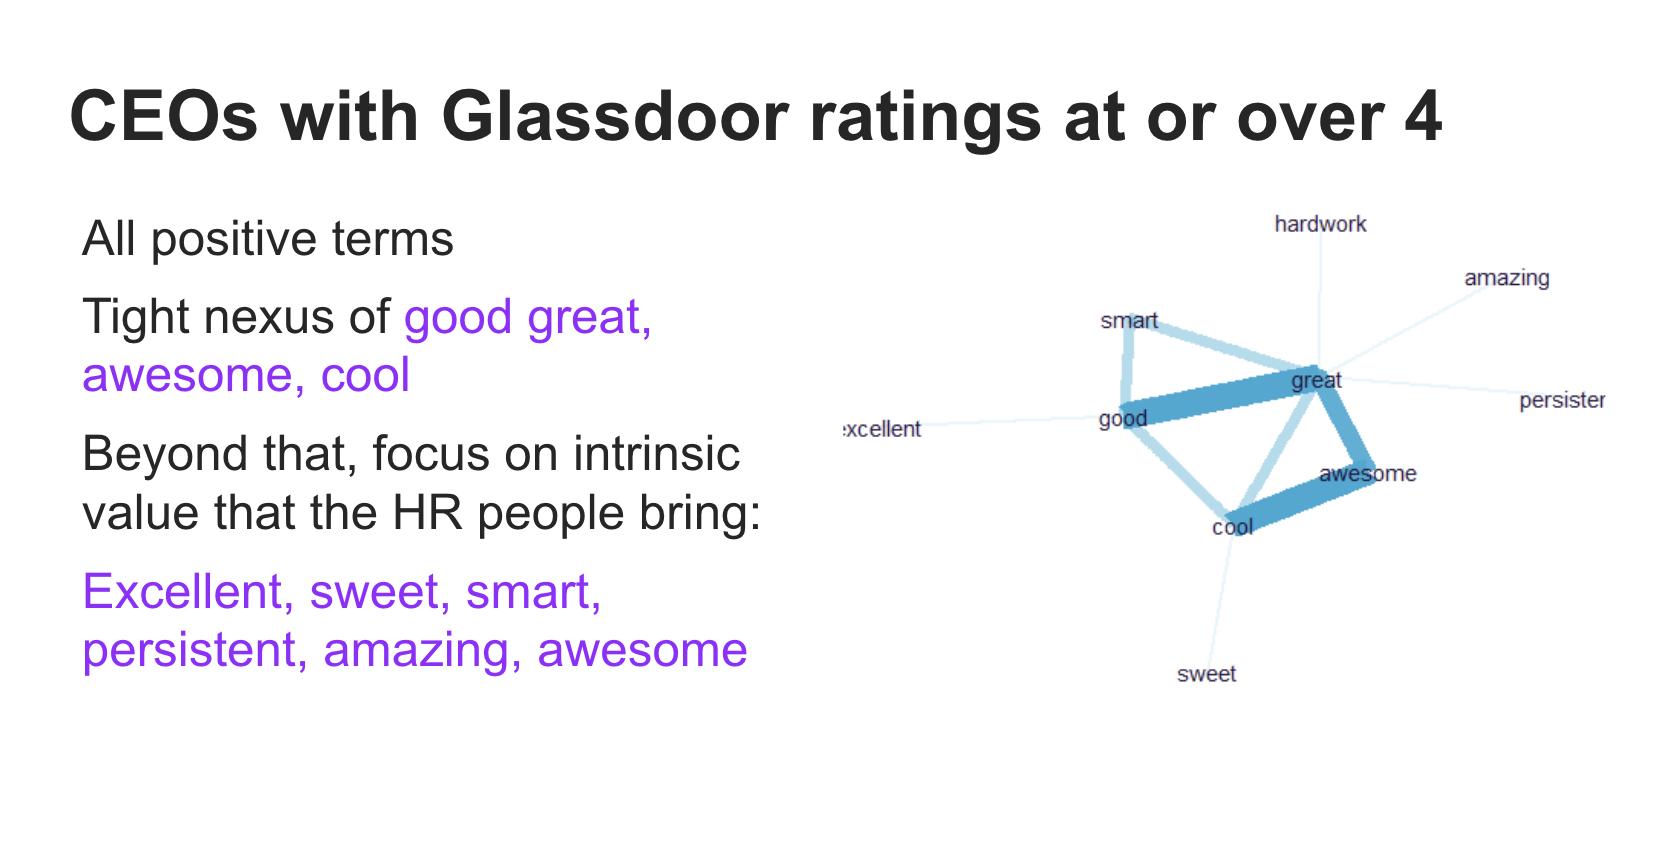 CEOs Glassdoor rating over 4